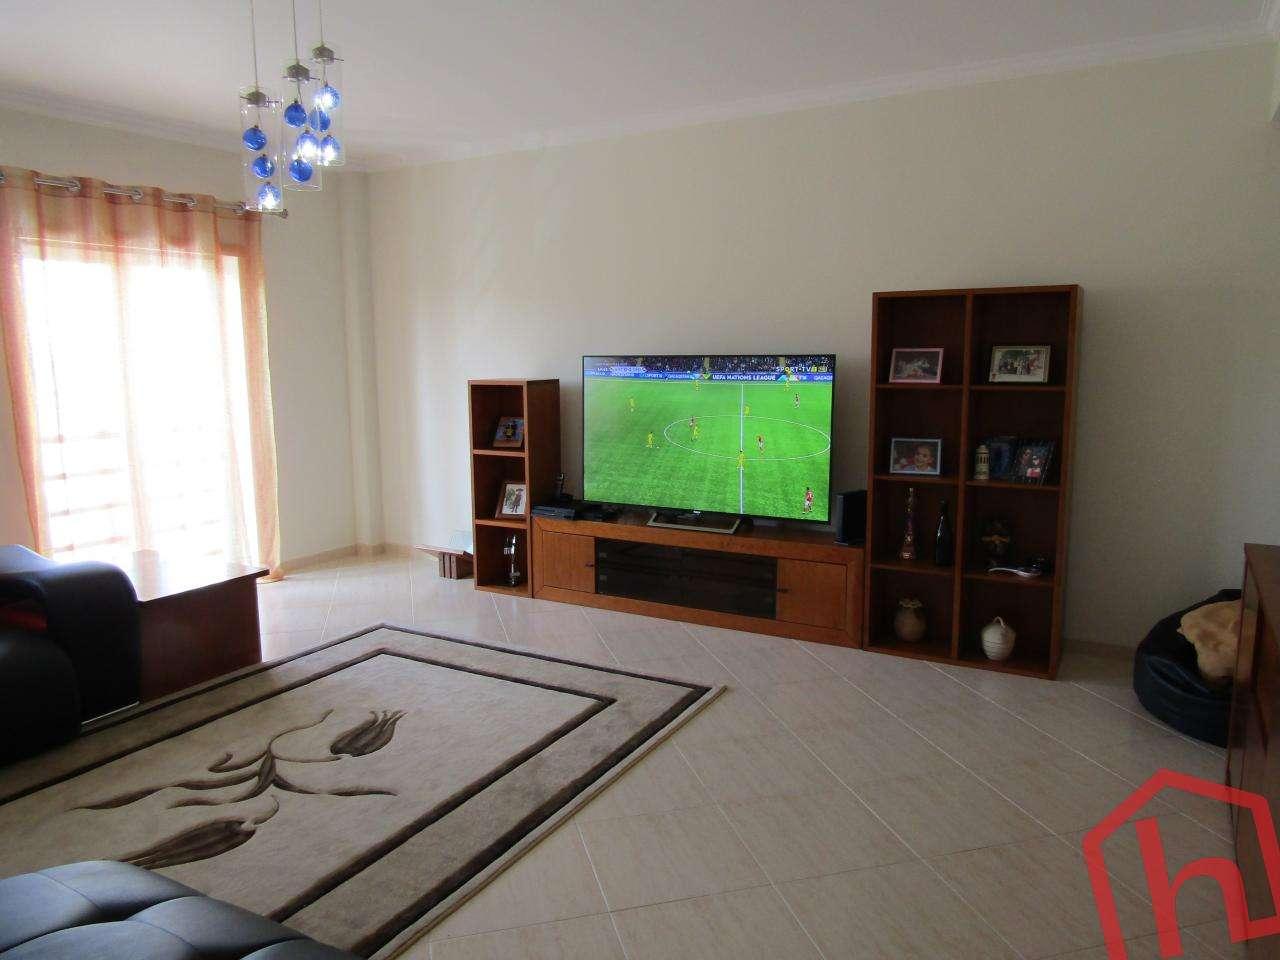 Apartamento para comprar, Samora Correia, Benavente, Santarém - Foto 6